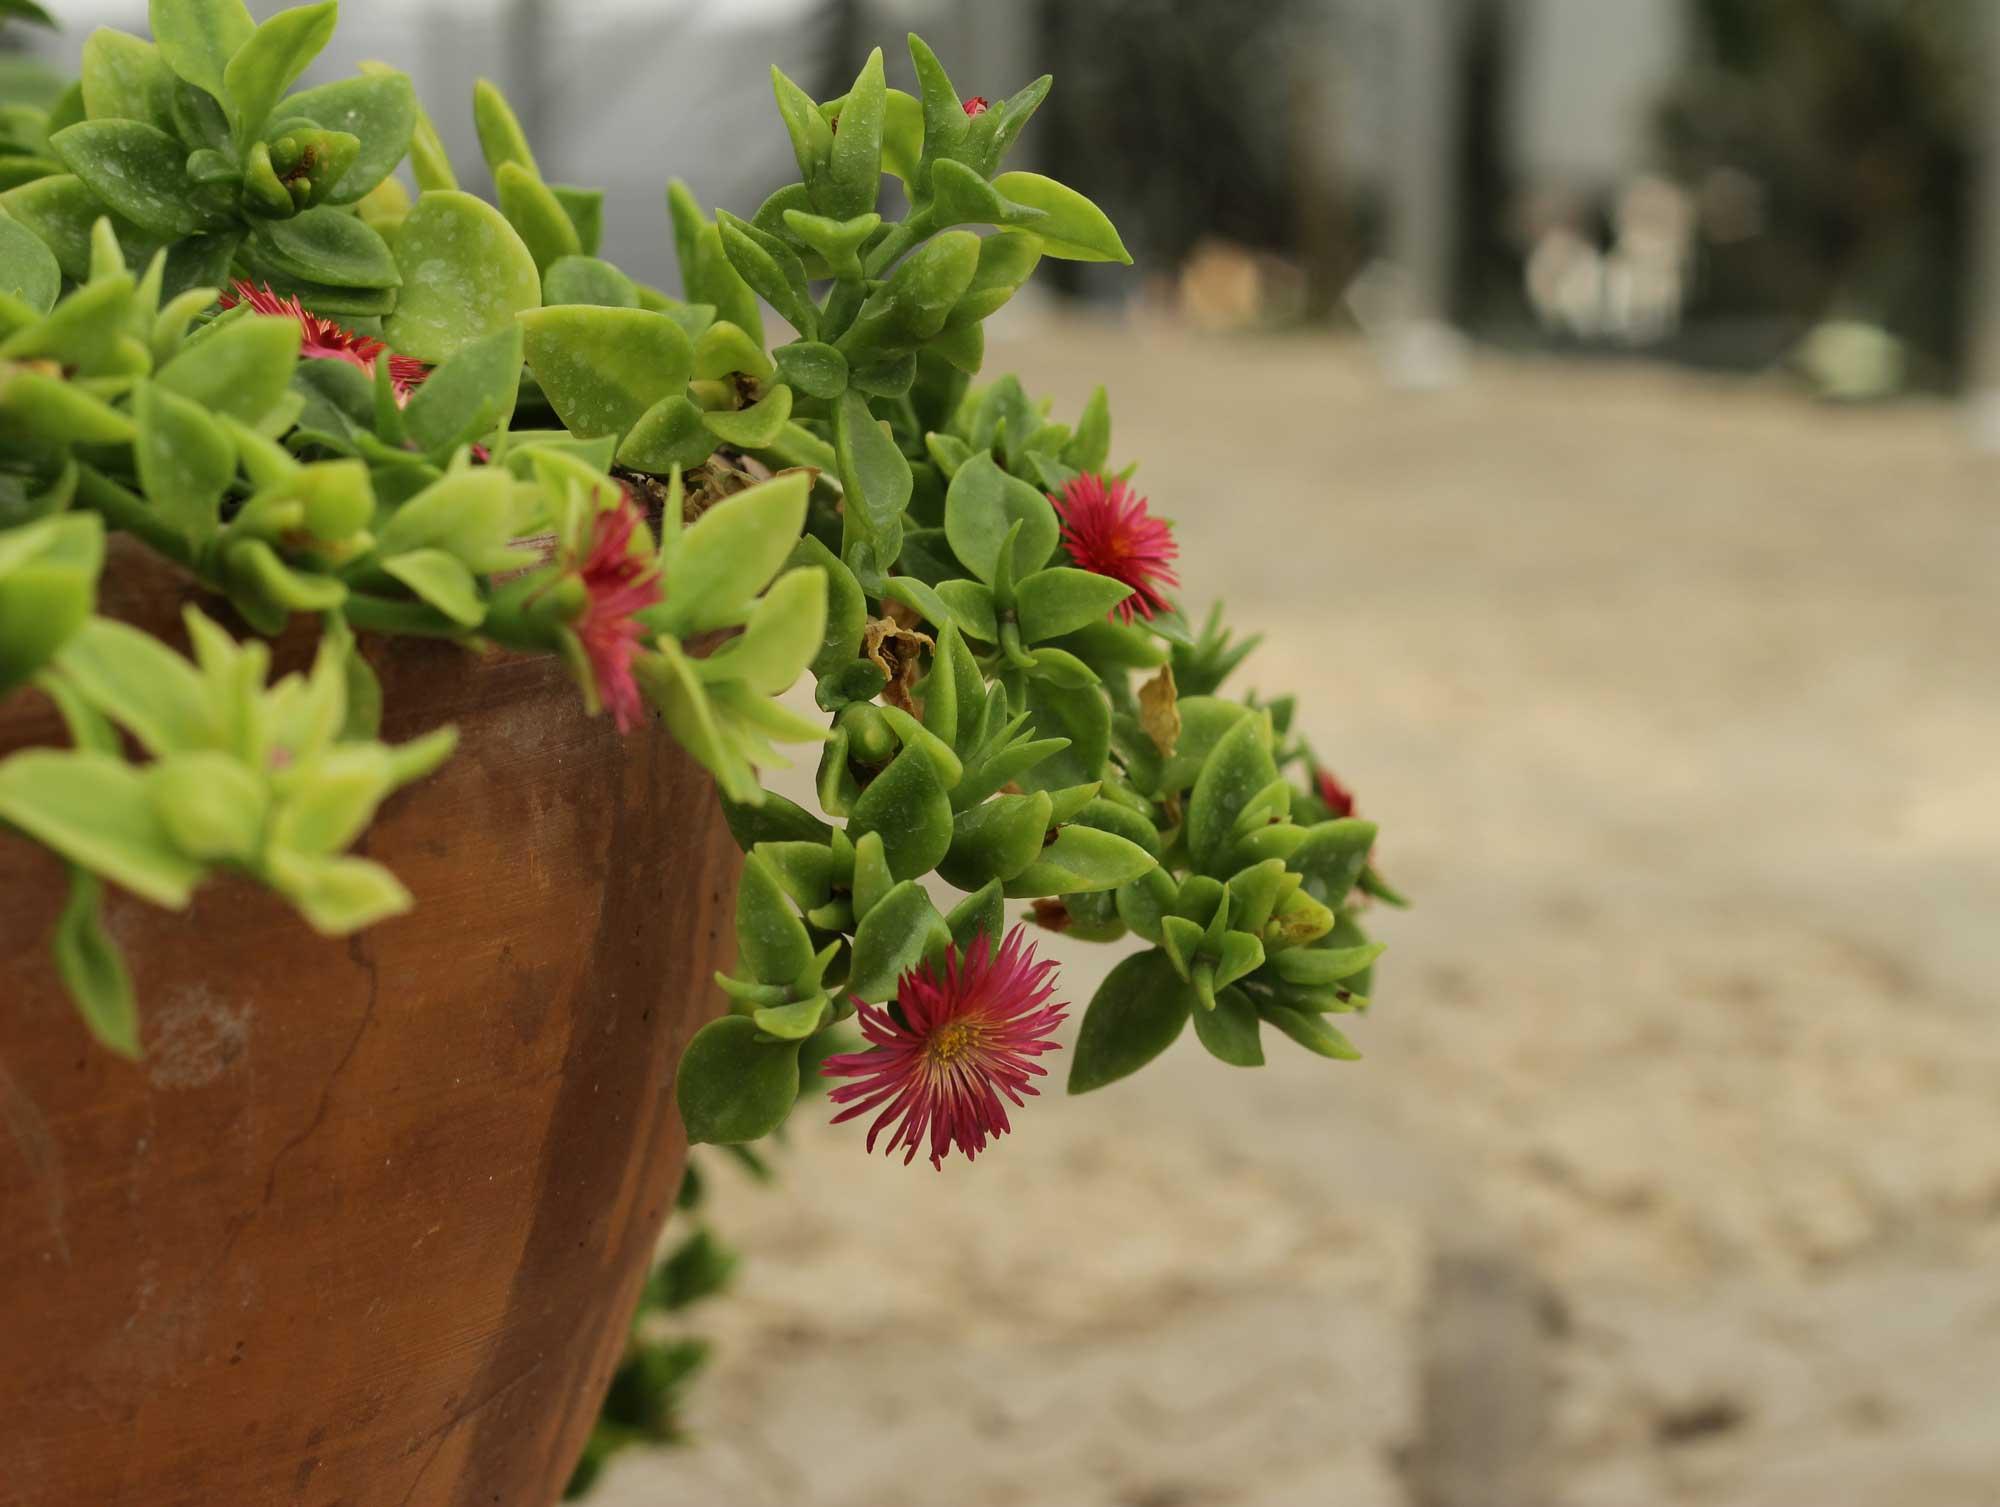 даже кактусы поражают цветением